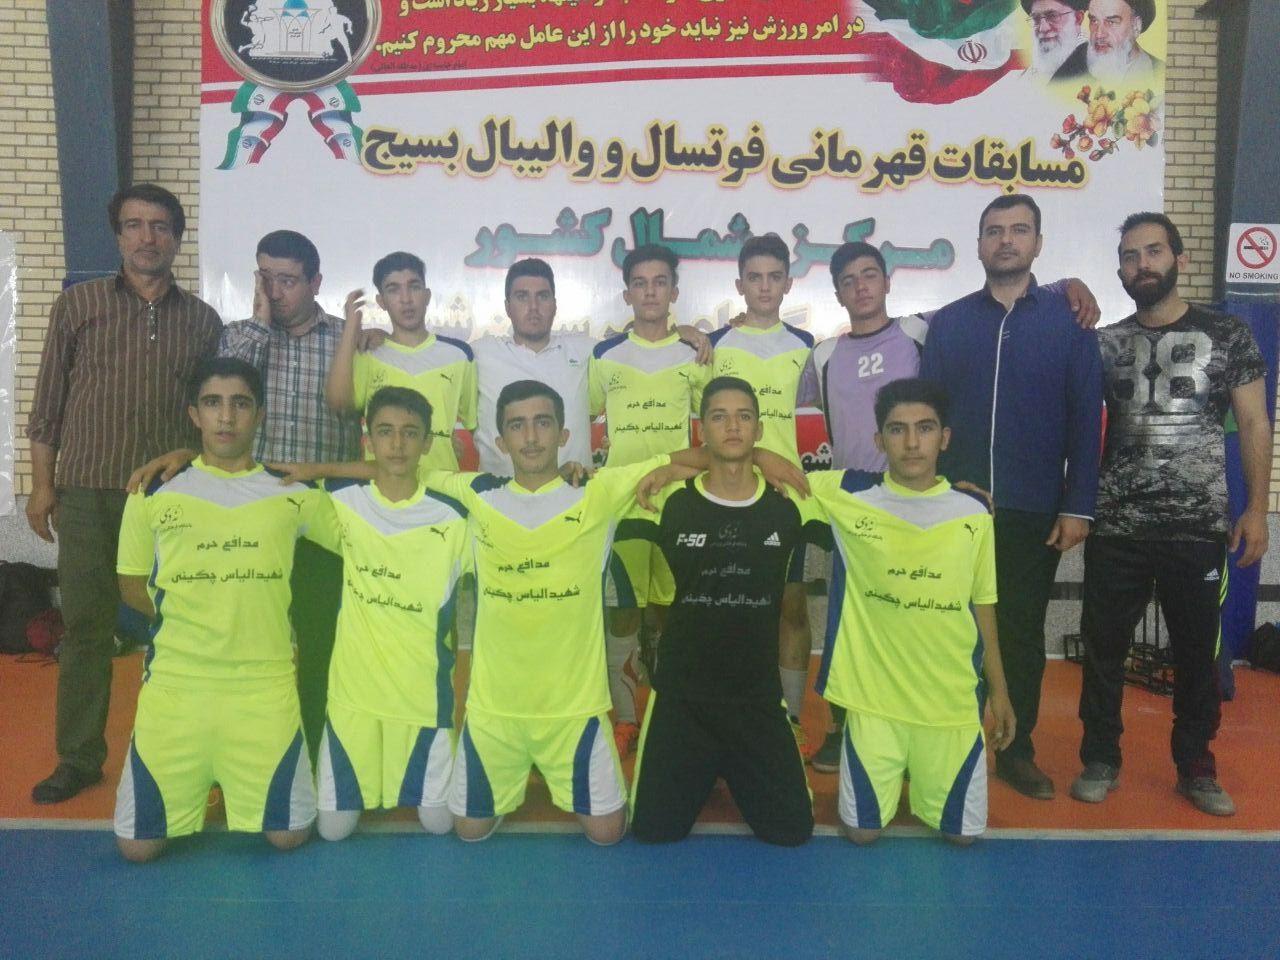 کسب مقام سوم کشوری توسط تیم بسیج ورزشکاران بوئین زهرا